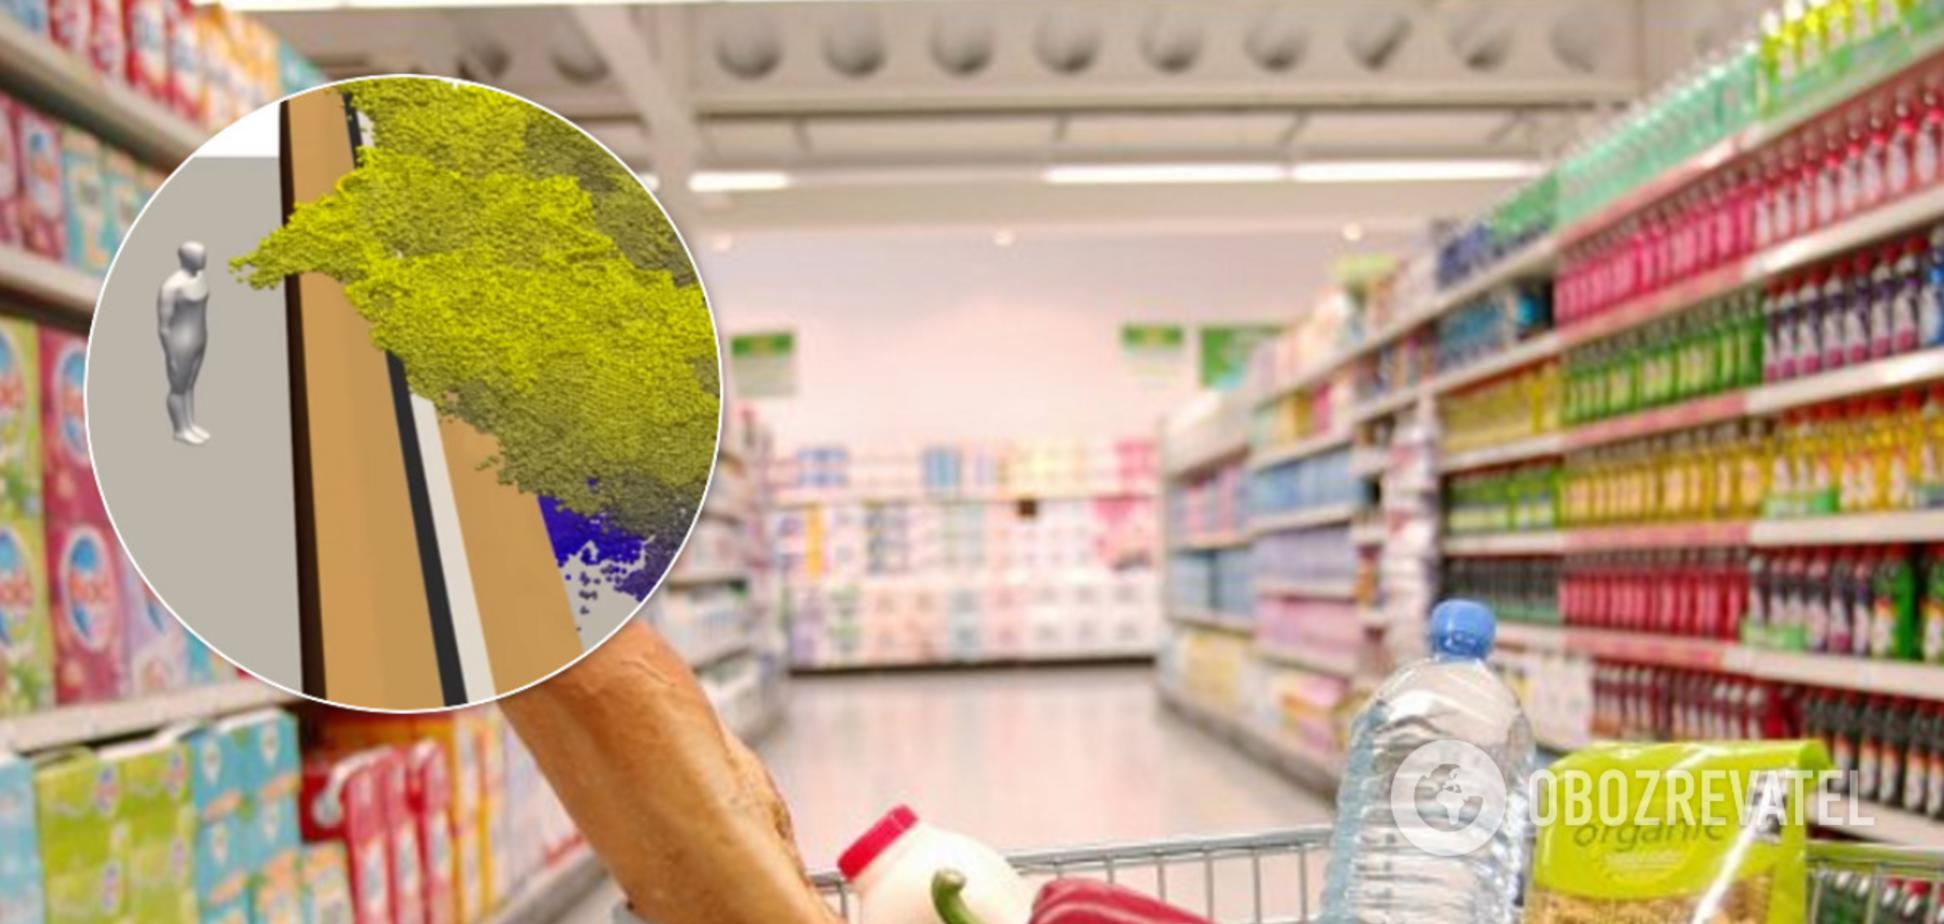 Как коронавирус передается в супермаркете: ученые показали наглядное видео